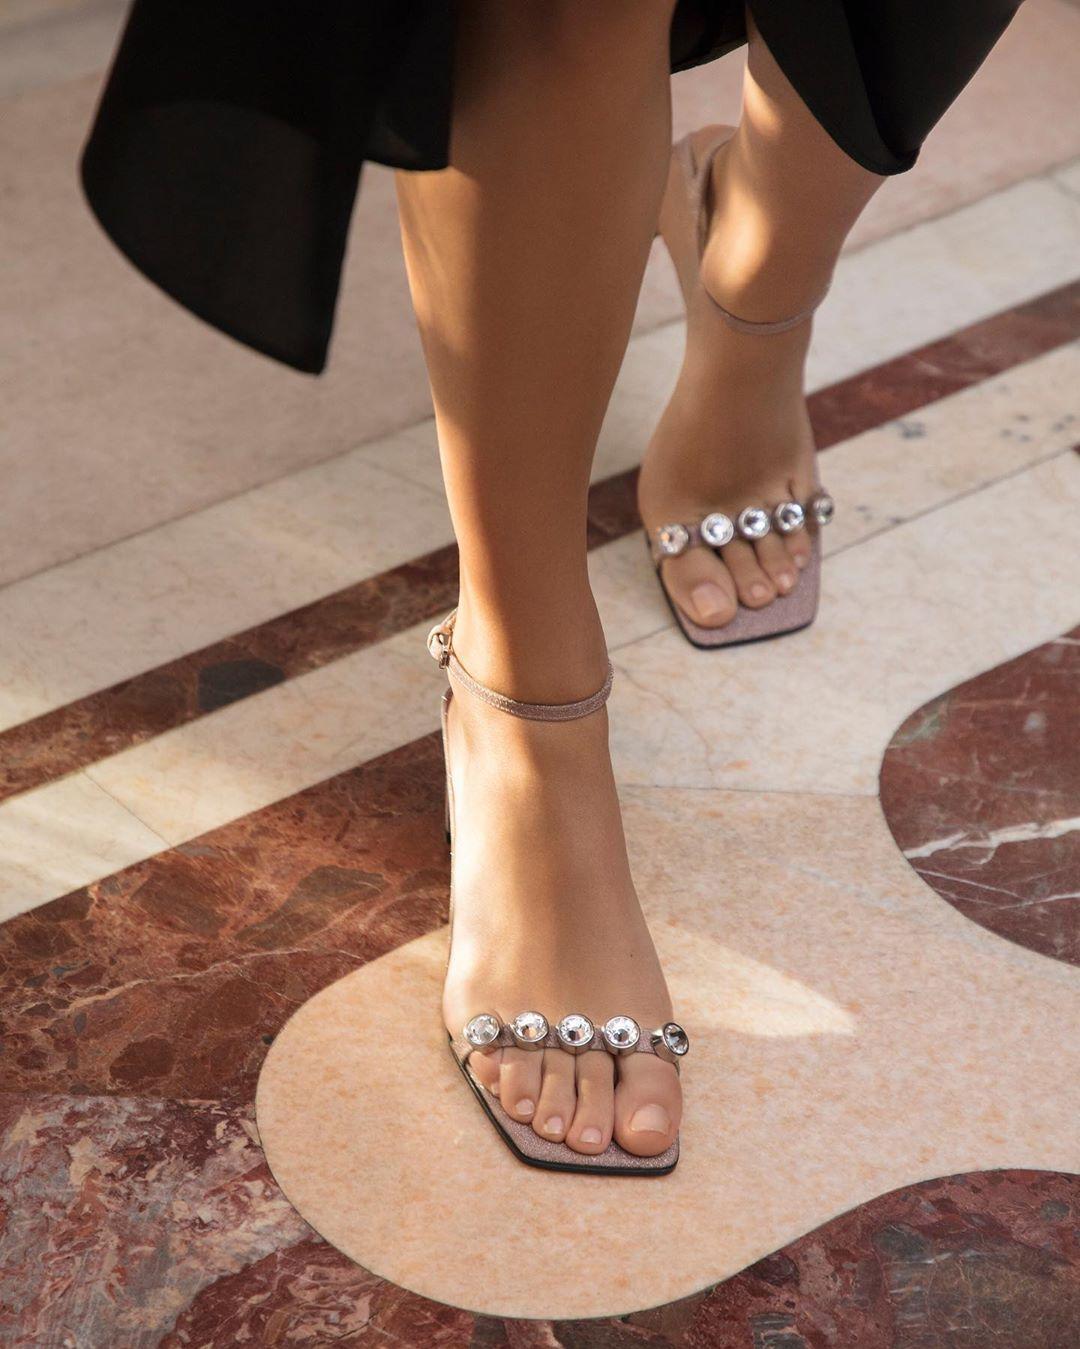 bst giày của nhà thiết kế sergio rossi 2